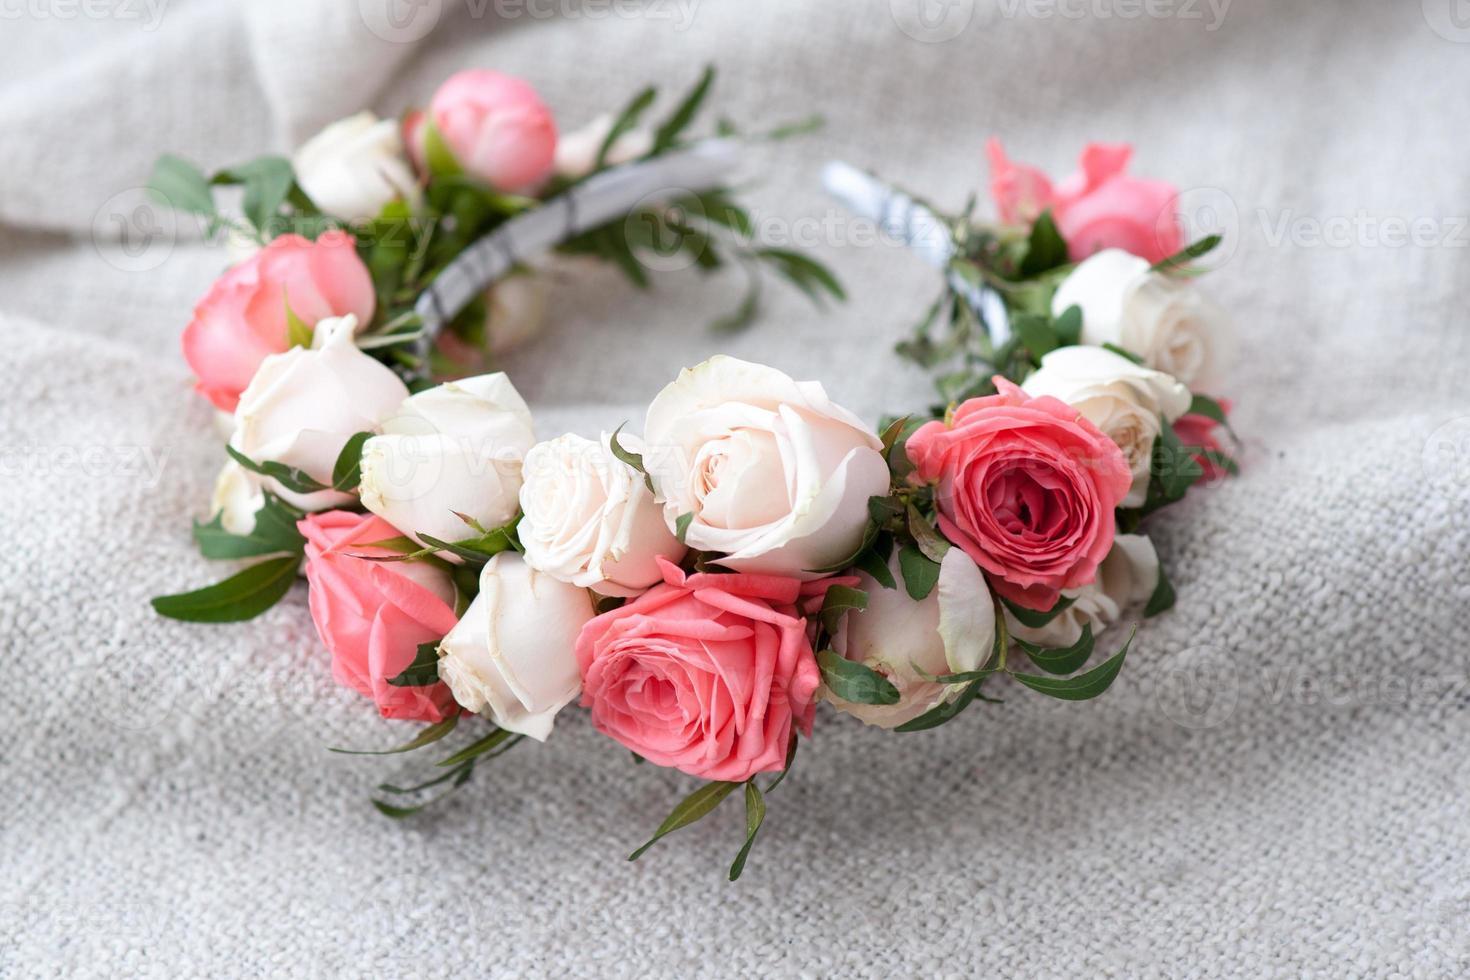 tiara de rosas artificiales sobre fondo de madera. foto